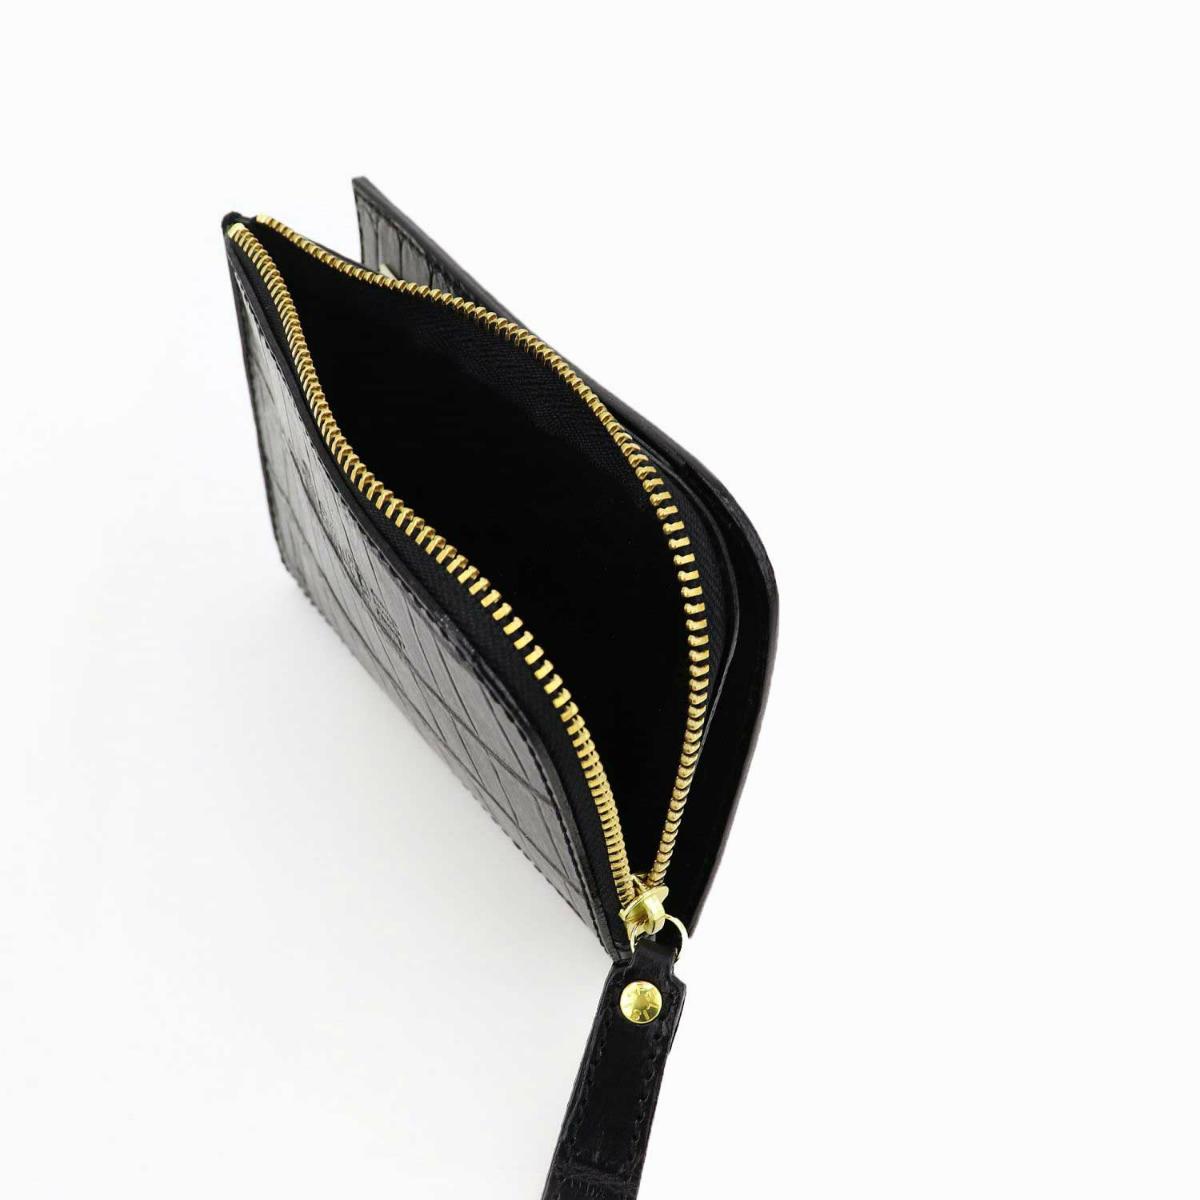 フェリージ Felisi クロコダイル型押し エンボスレザー L字ジップ 2つ折り財布 1058/SA FLS BLACK(ブラック)春夏新作